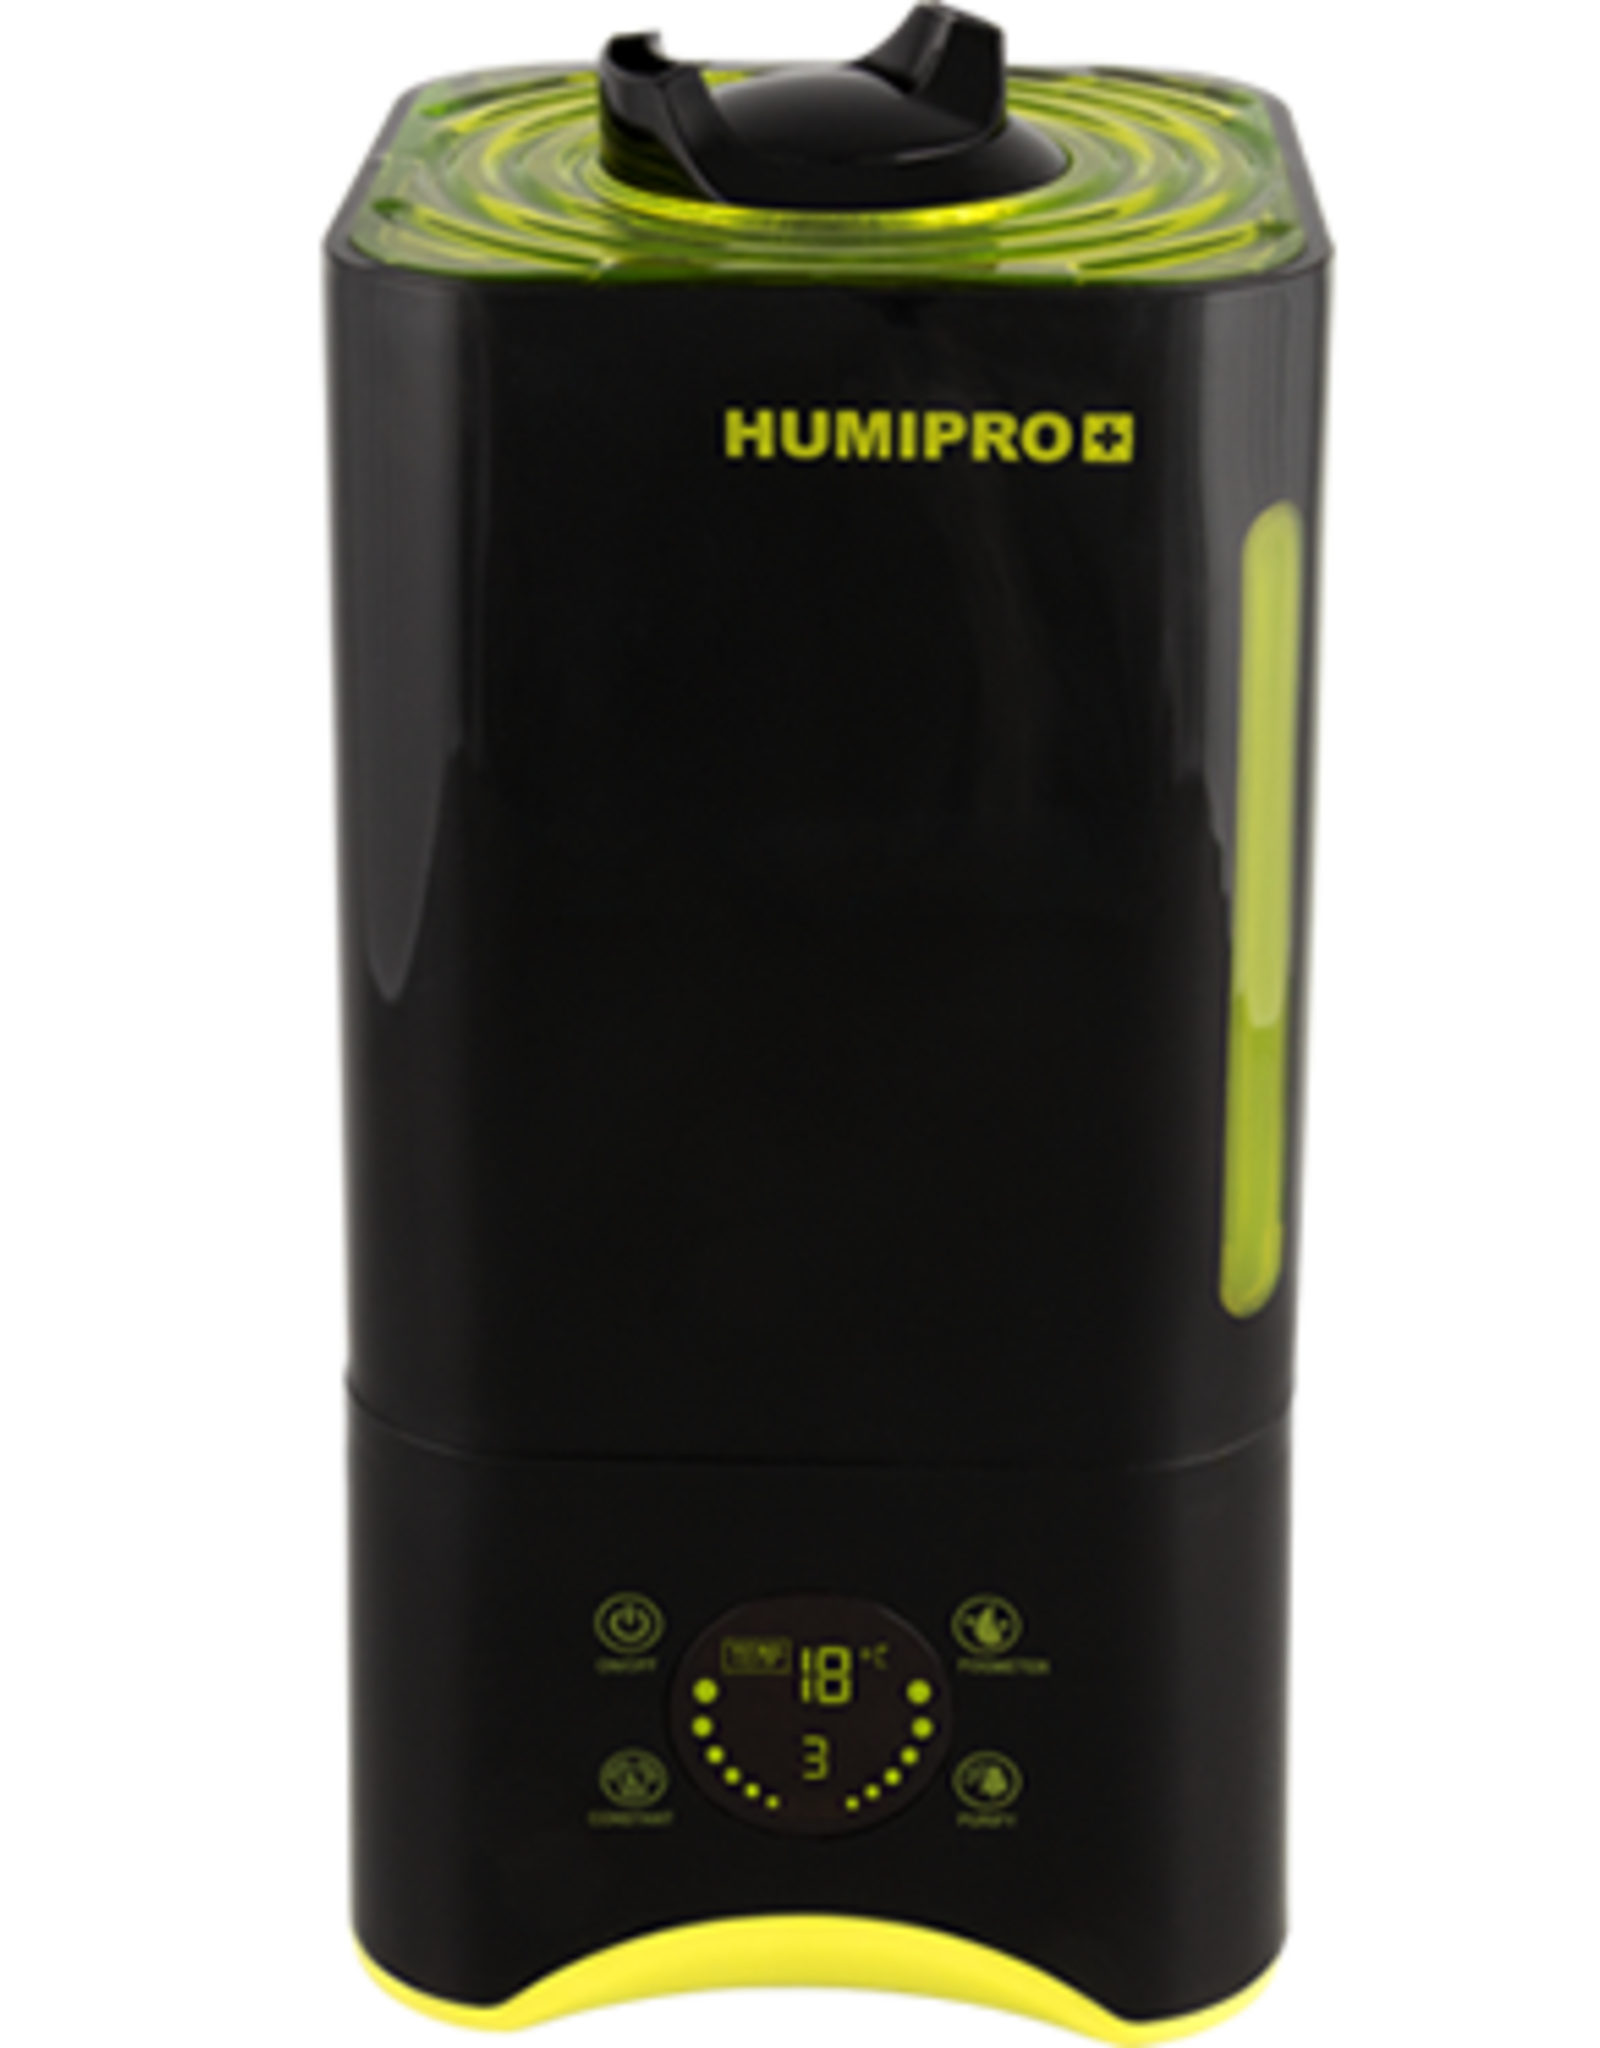 GardenHighPro Garden High Pro Humipro Luftbefeuchter 4l